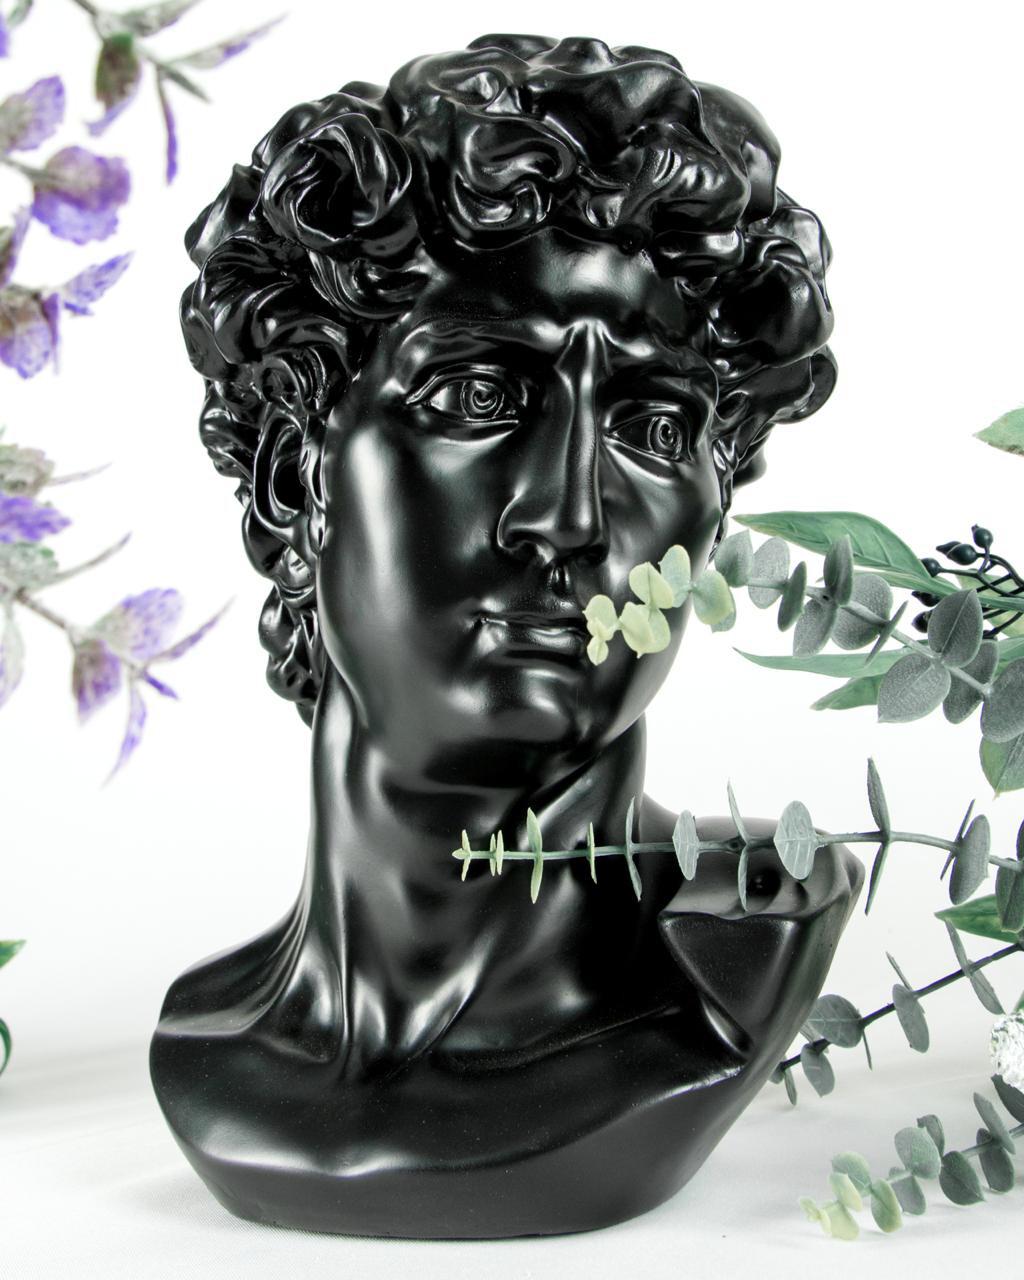 Cabeza David Sculpture - Cool Ornaments